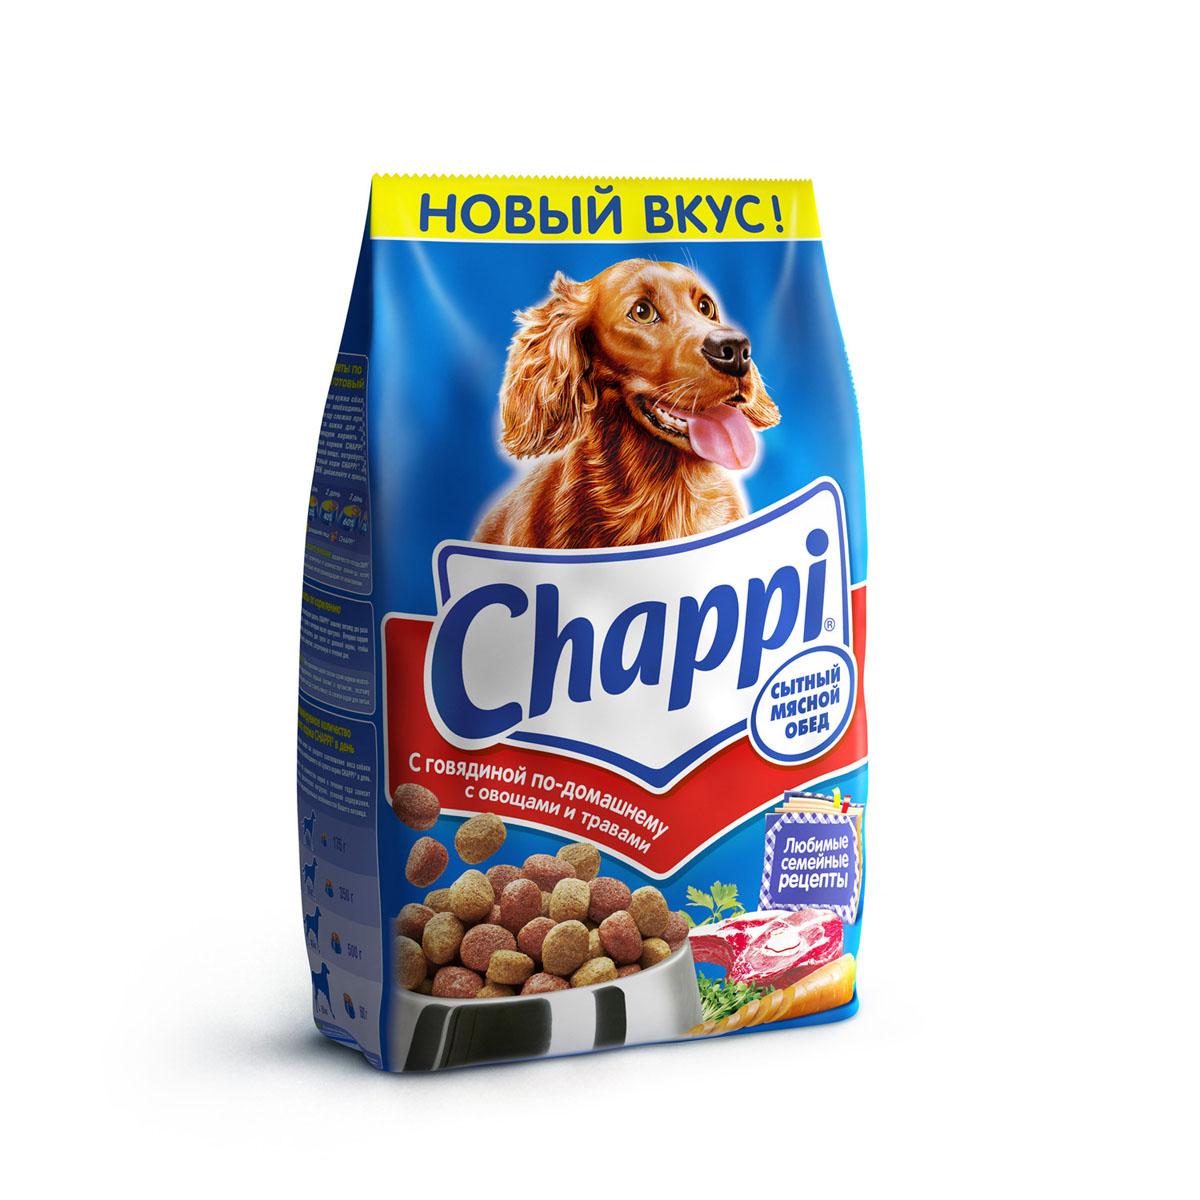 Корм сухой для собак Chappi Сытный мясной обед, с говядиной по-домашнему с овощами и травами, 2,5 кг10010Сухой корм Chappi Сытный мясной обед - это специально разработанная еда для собак с оптимально сбалансированным содержанием белков, витаминов и микроэлементов. Уникальная формула Chappi включает в себя все необходимые для здоровья компоненты: - мясо - для силы и энергии в течение дня; - овощи, травы и злаки - для отличного пищеварения; - масла и жиры - для блестящей шерсти и здоровой кожи; - кальций - для крепких зубов и костей; - витамины - для защиты здоровья; - минералы - для подержания собаки в оптимальной форме. Корм Chappi идеально подходит для вашего любимца как надежный источник жизненных сил. Состав: злаки, мясо и субпродукты, жиры животного происхождения, морковь, люцерна, растительные масла, минеральные вещества, витамины. Пищевая ценность в 100 г: белок - 18 г, жиры - 10 г, клетчатка - 7 г, влажность - не более 10 г, зола - 7 г, кальций - 0,8 г, фосфор - 0,6 г, витамин А - 500...